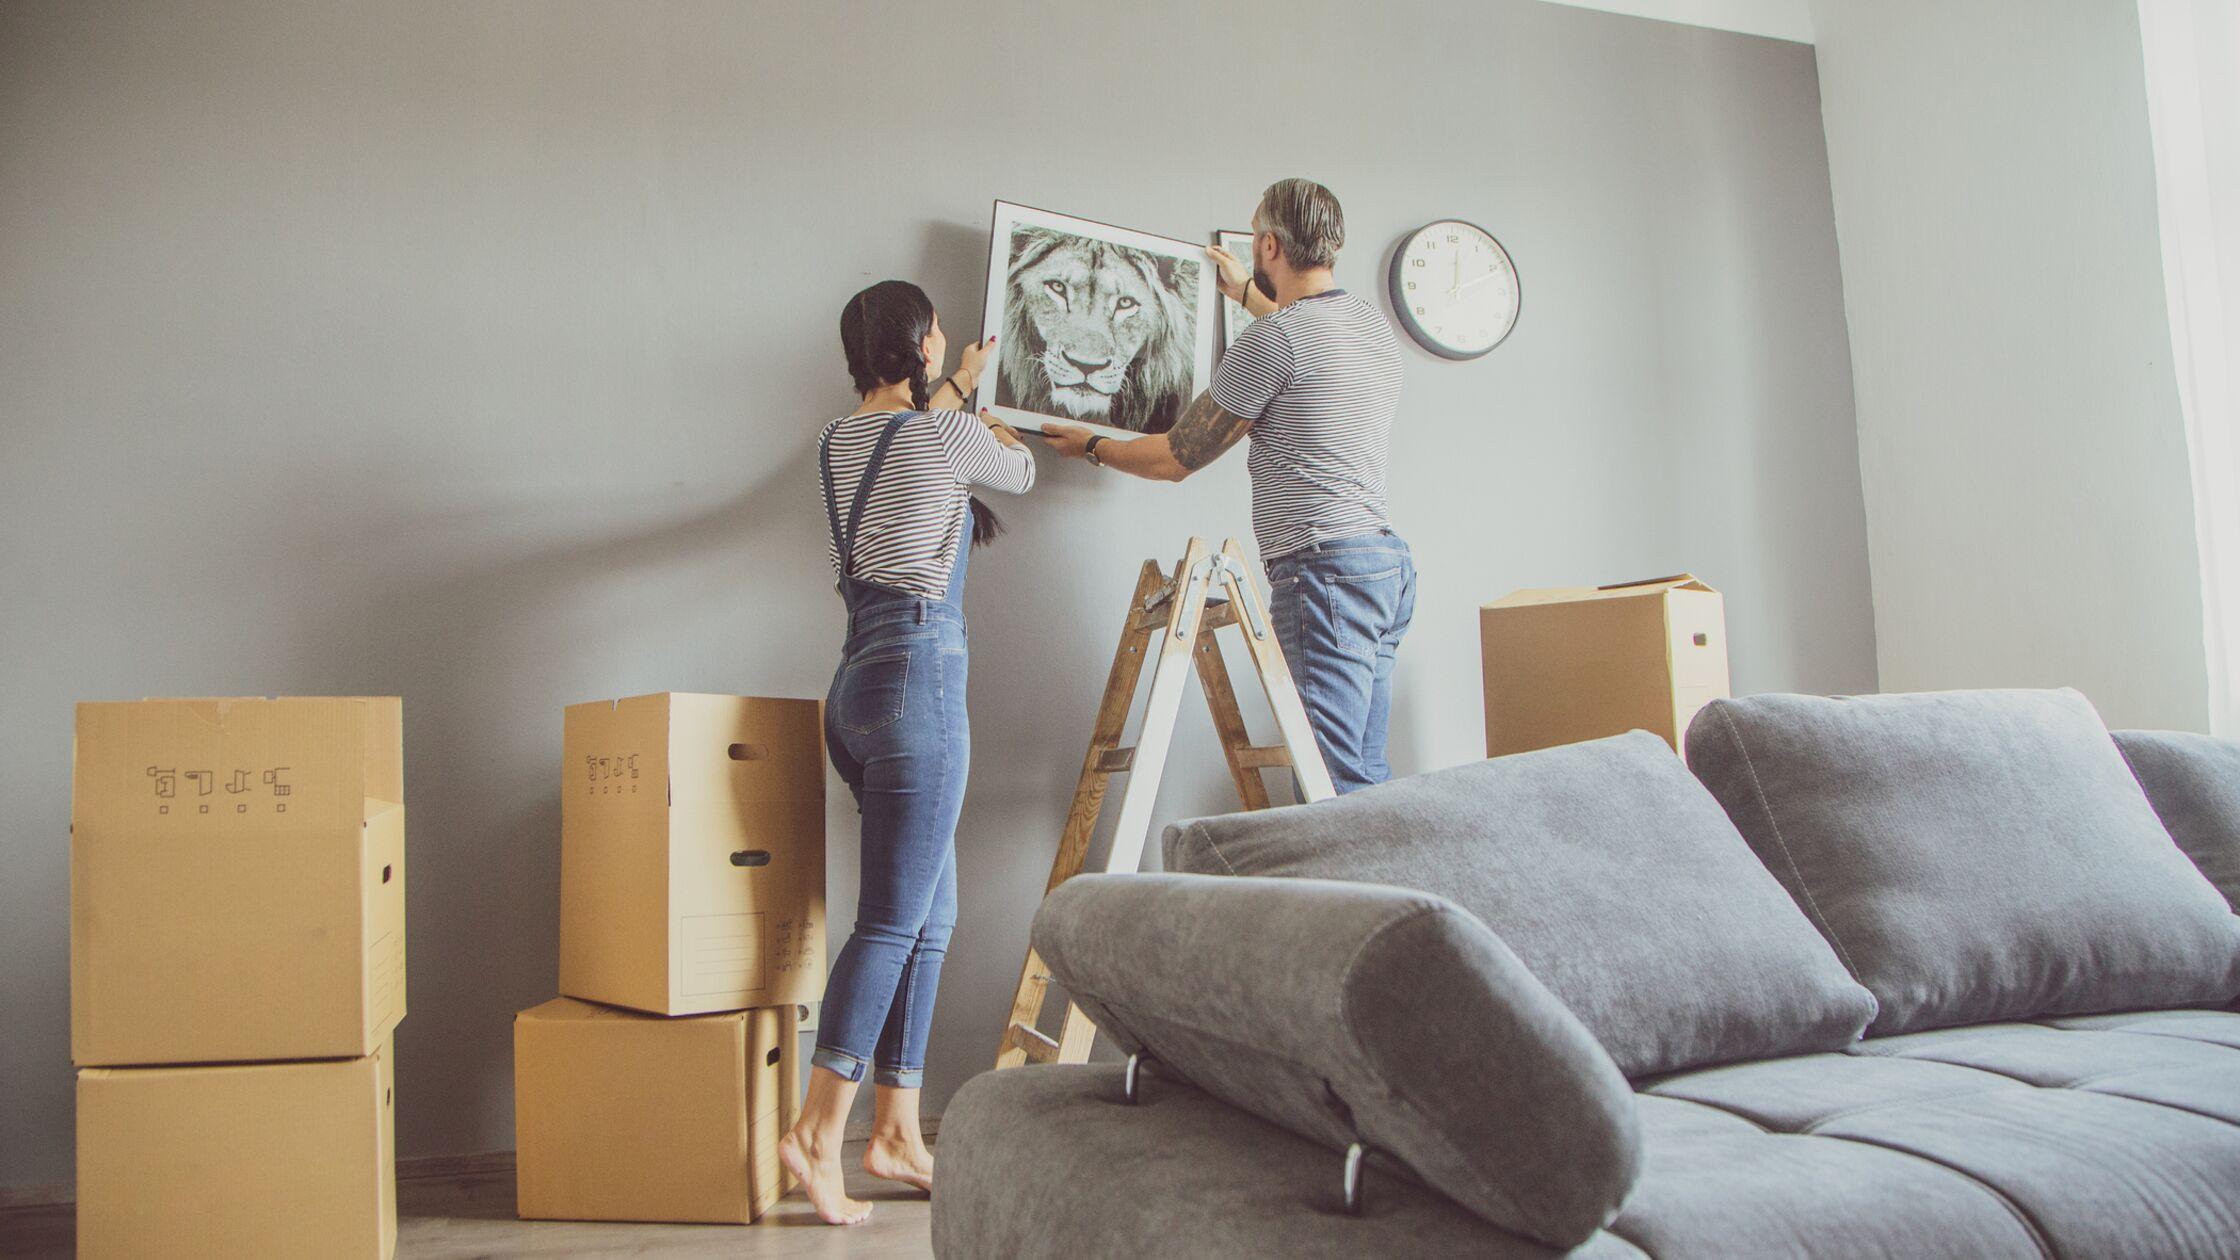 Wohnung günstig einrichten: Ideen für den kleinen Geldbeutel